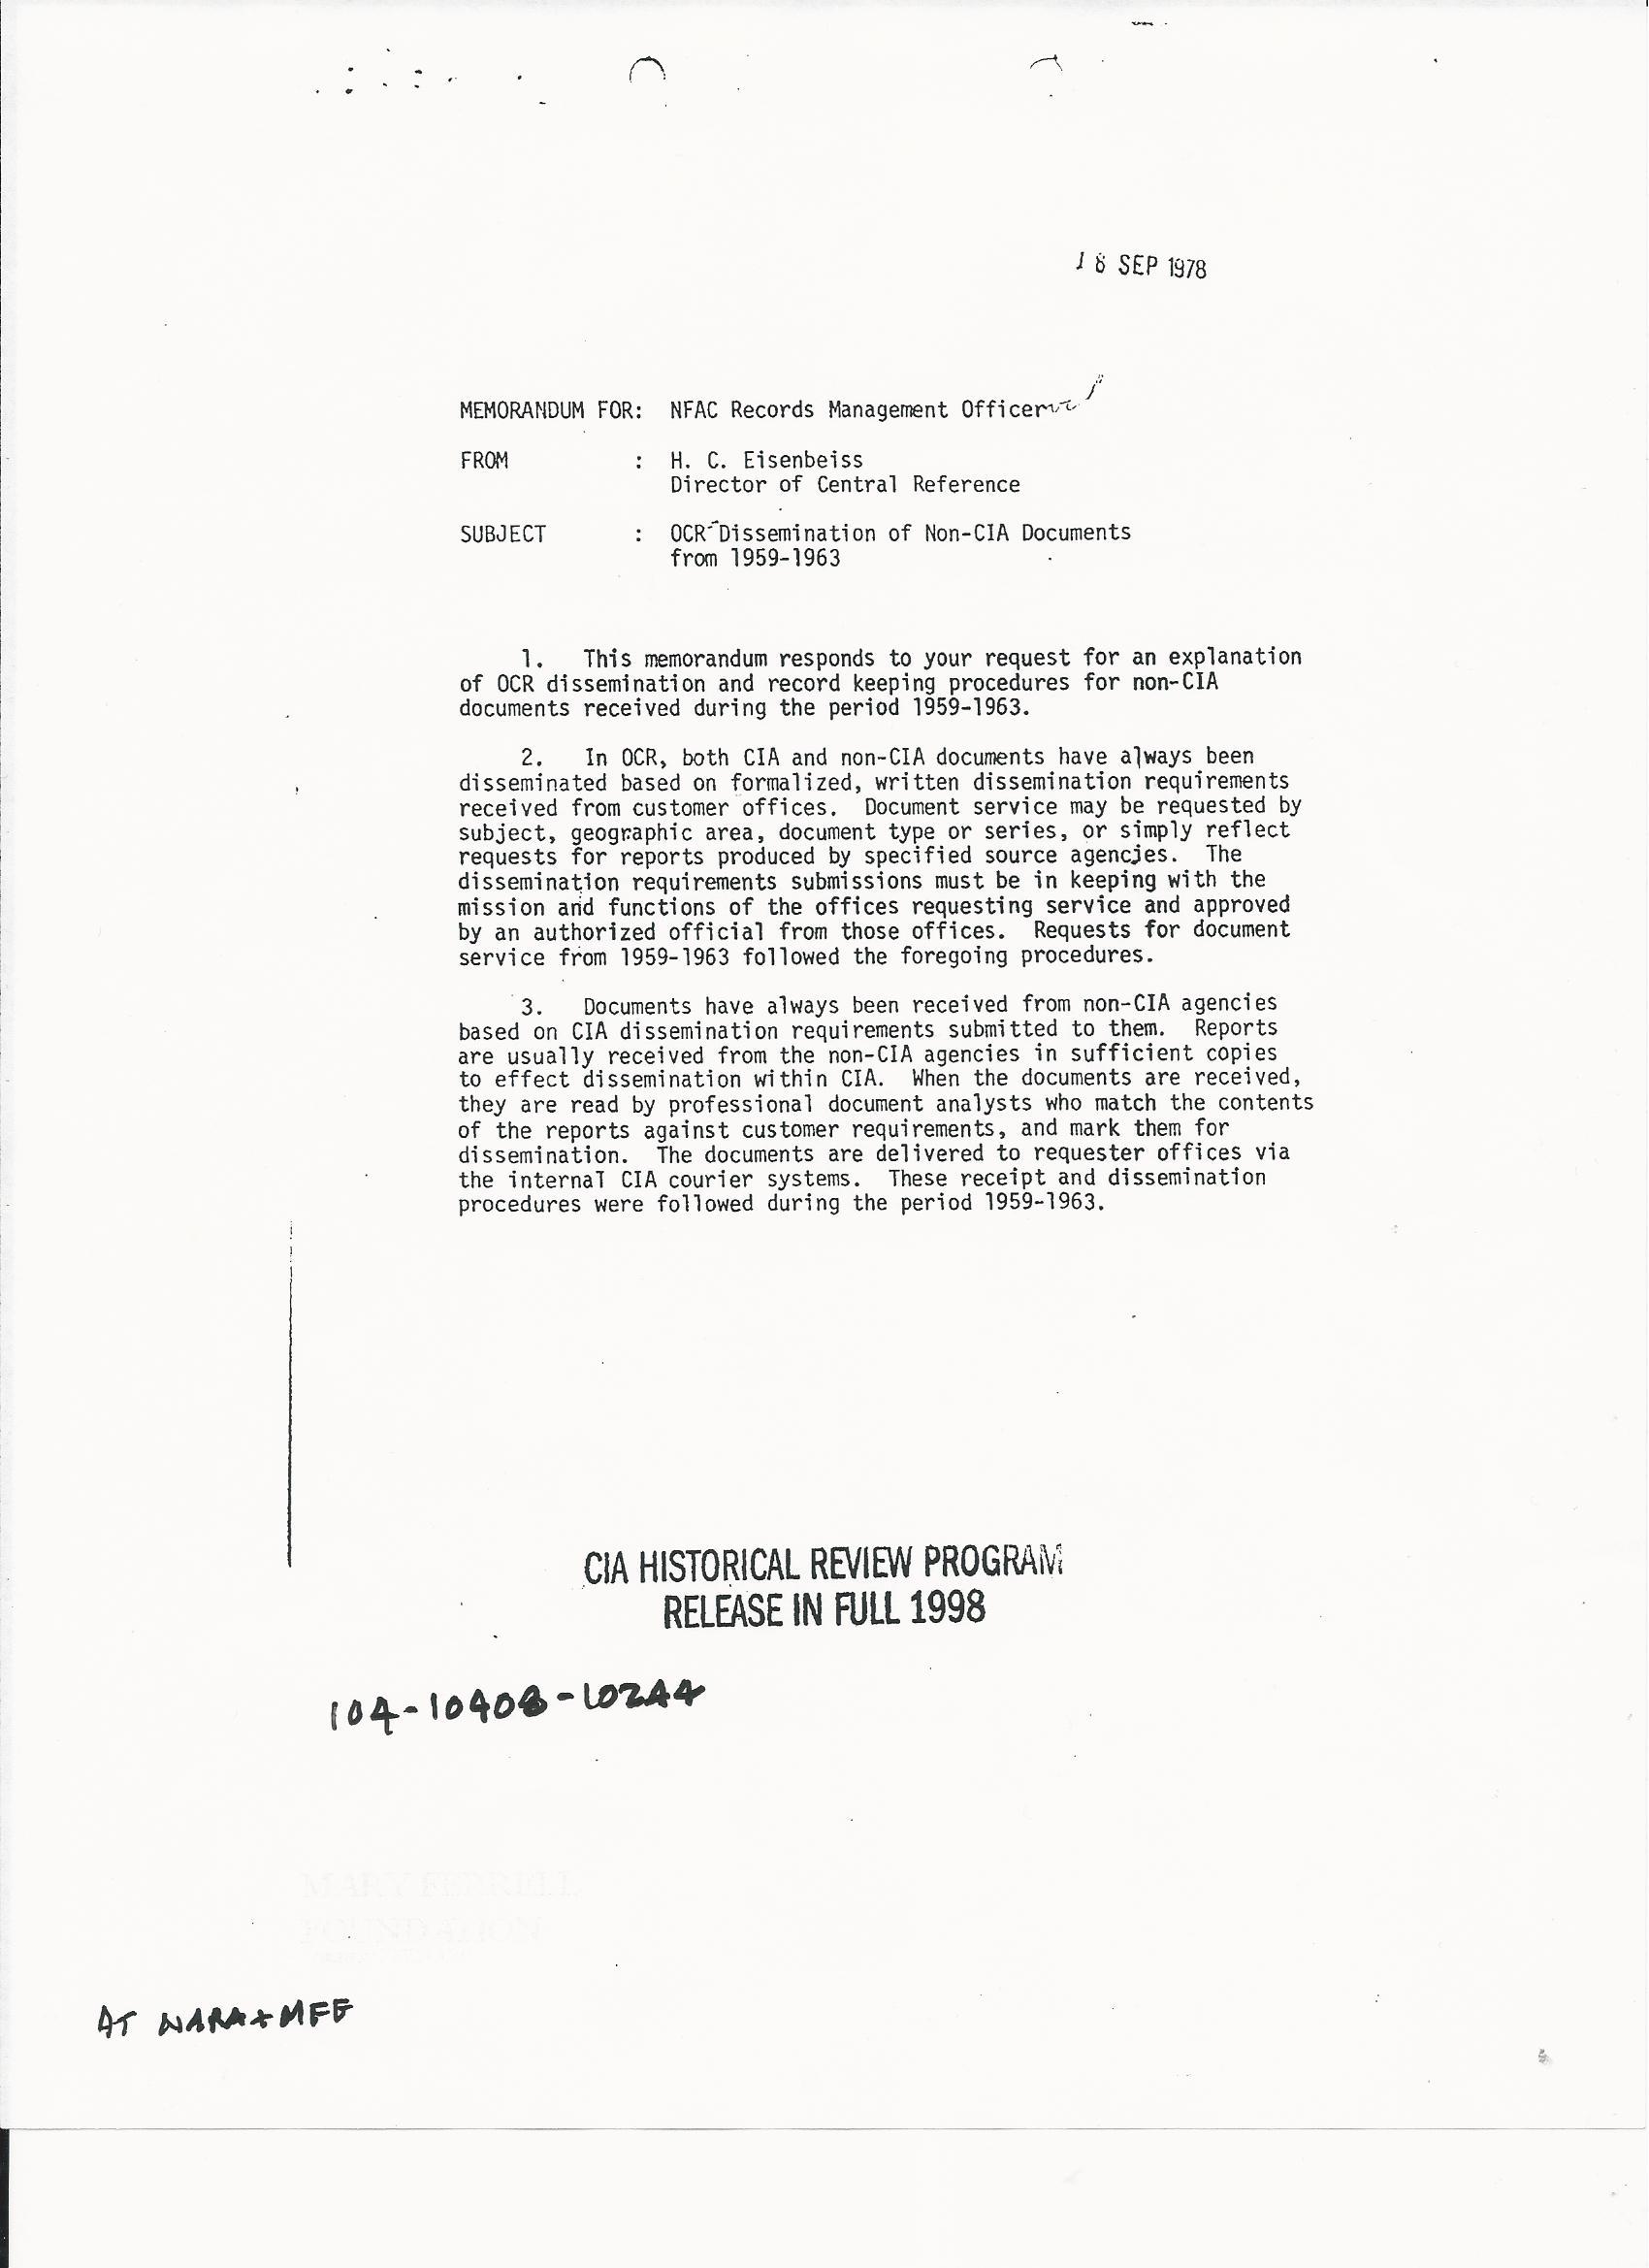 EISENBESS1 Eisenbeiss Memo RE non-CIA Docs